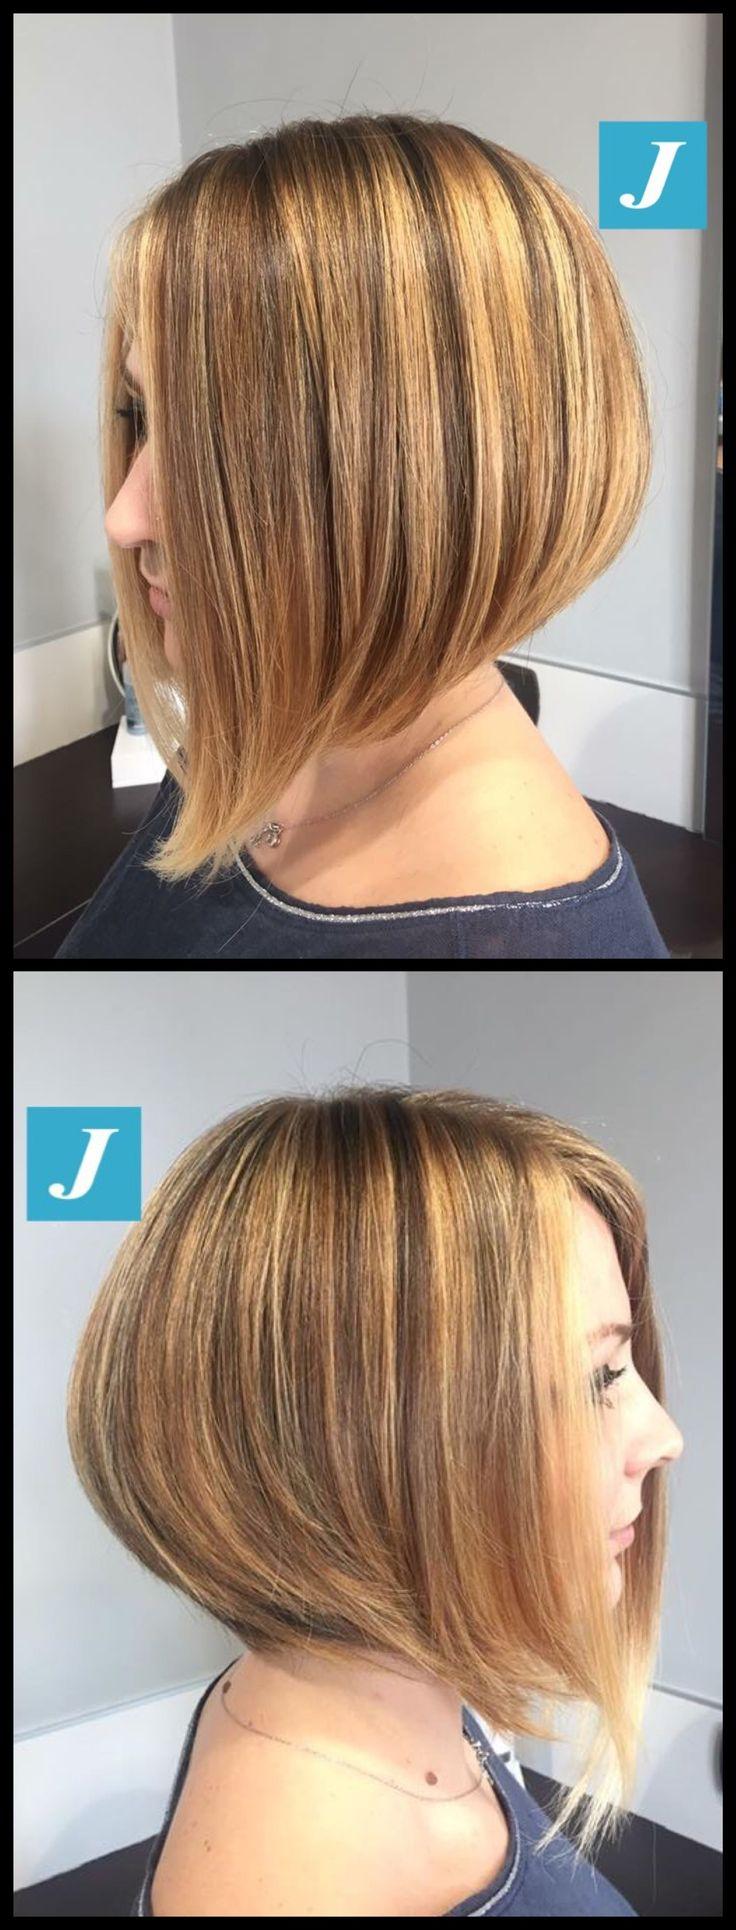 Il Taglio Punte Aria è la tecnica di taglio che completa il Degradé Joelle, è la risposta alle esigenze di molte donne: conservare i capelli lunghi, mantenere le punte sane e piene, il tutto bilanciando il volume. #cdj #degradejoelle #tagliopuntearia #degradé #igers #musthave #hair #hairstyle #haircolour #longhair #ootd #hairfashion #madeinitaly #wellastudionyc